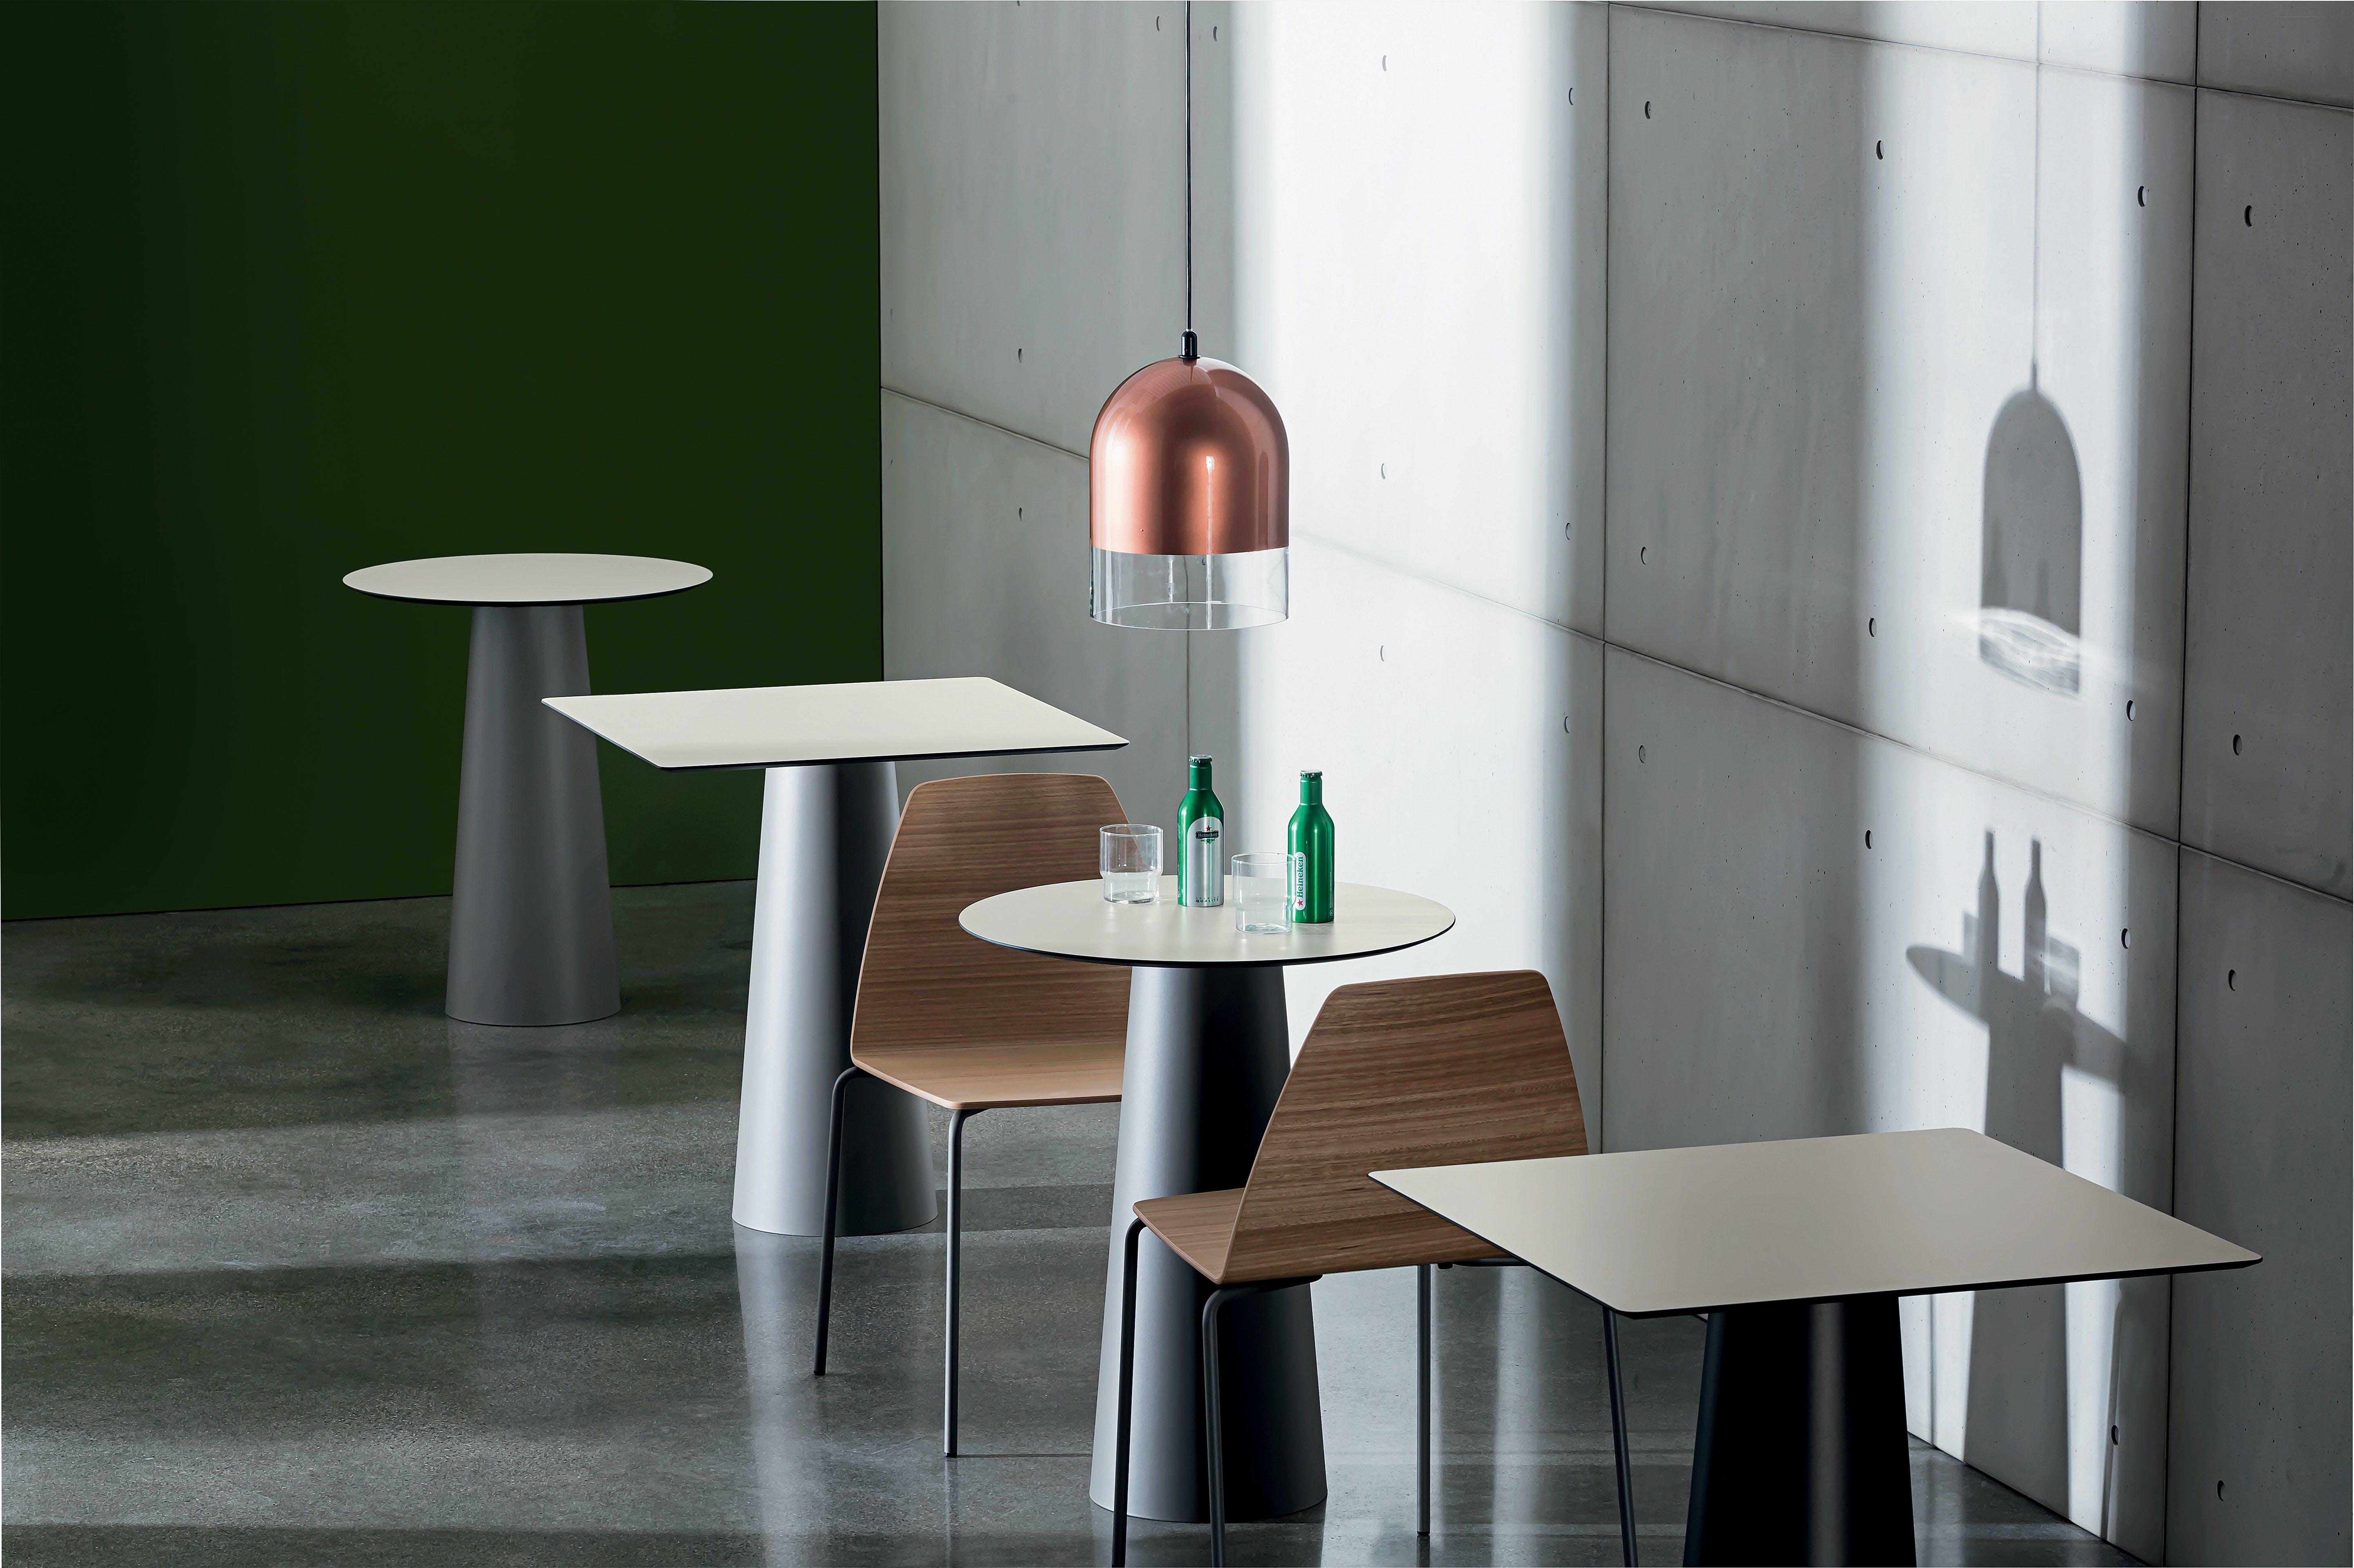 Sovet-totem-bar-table-haute-living